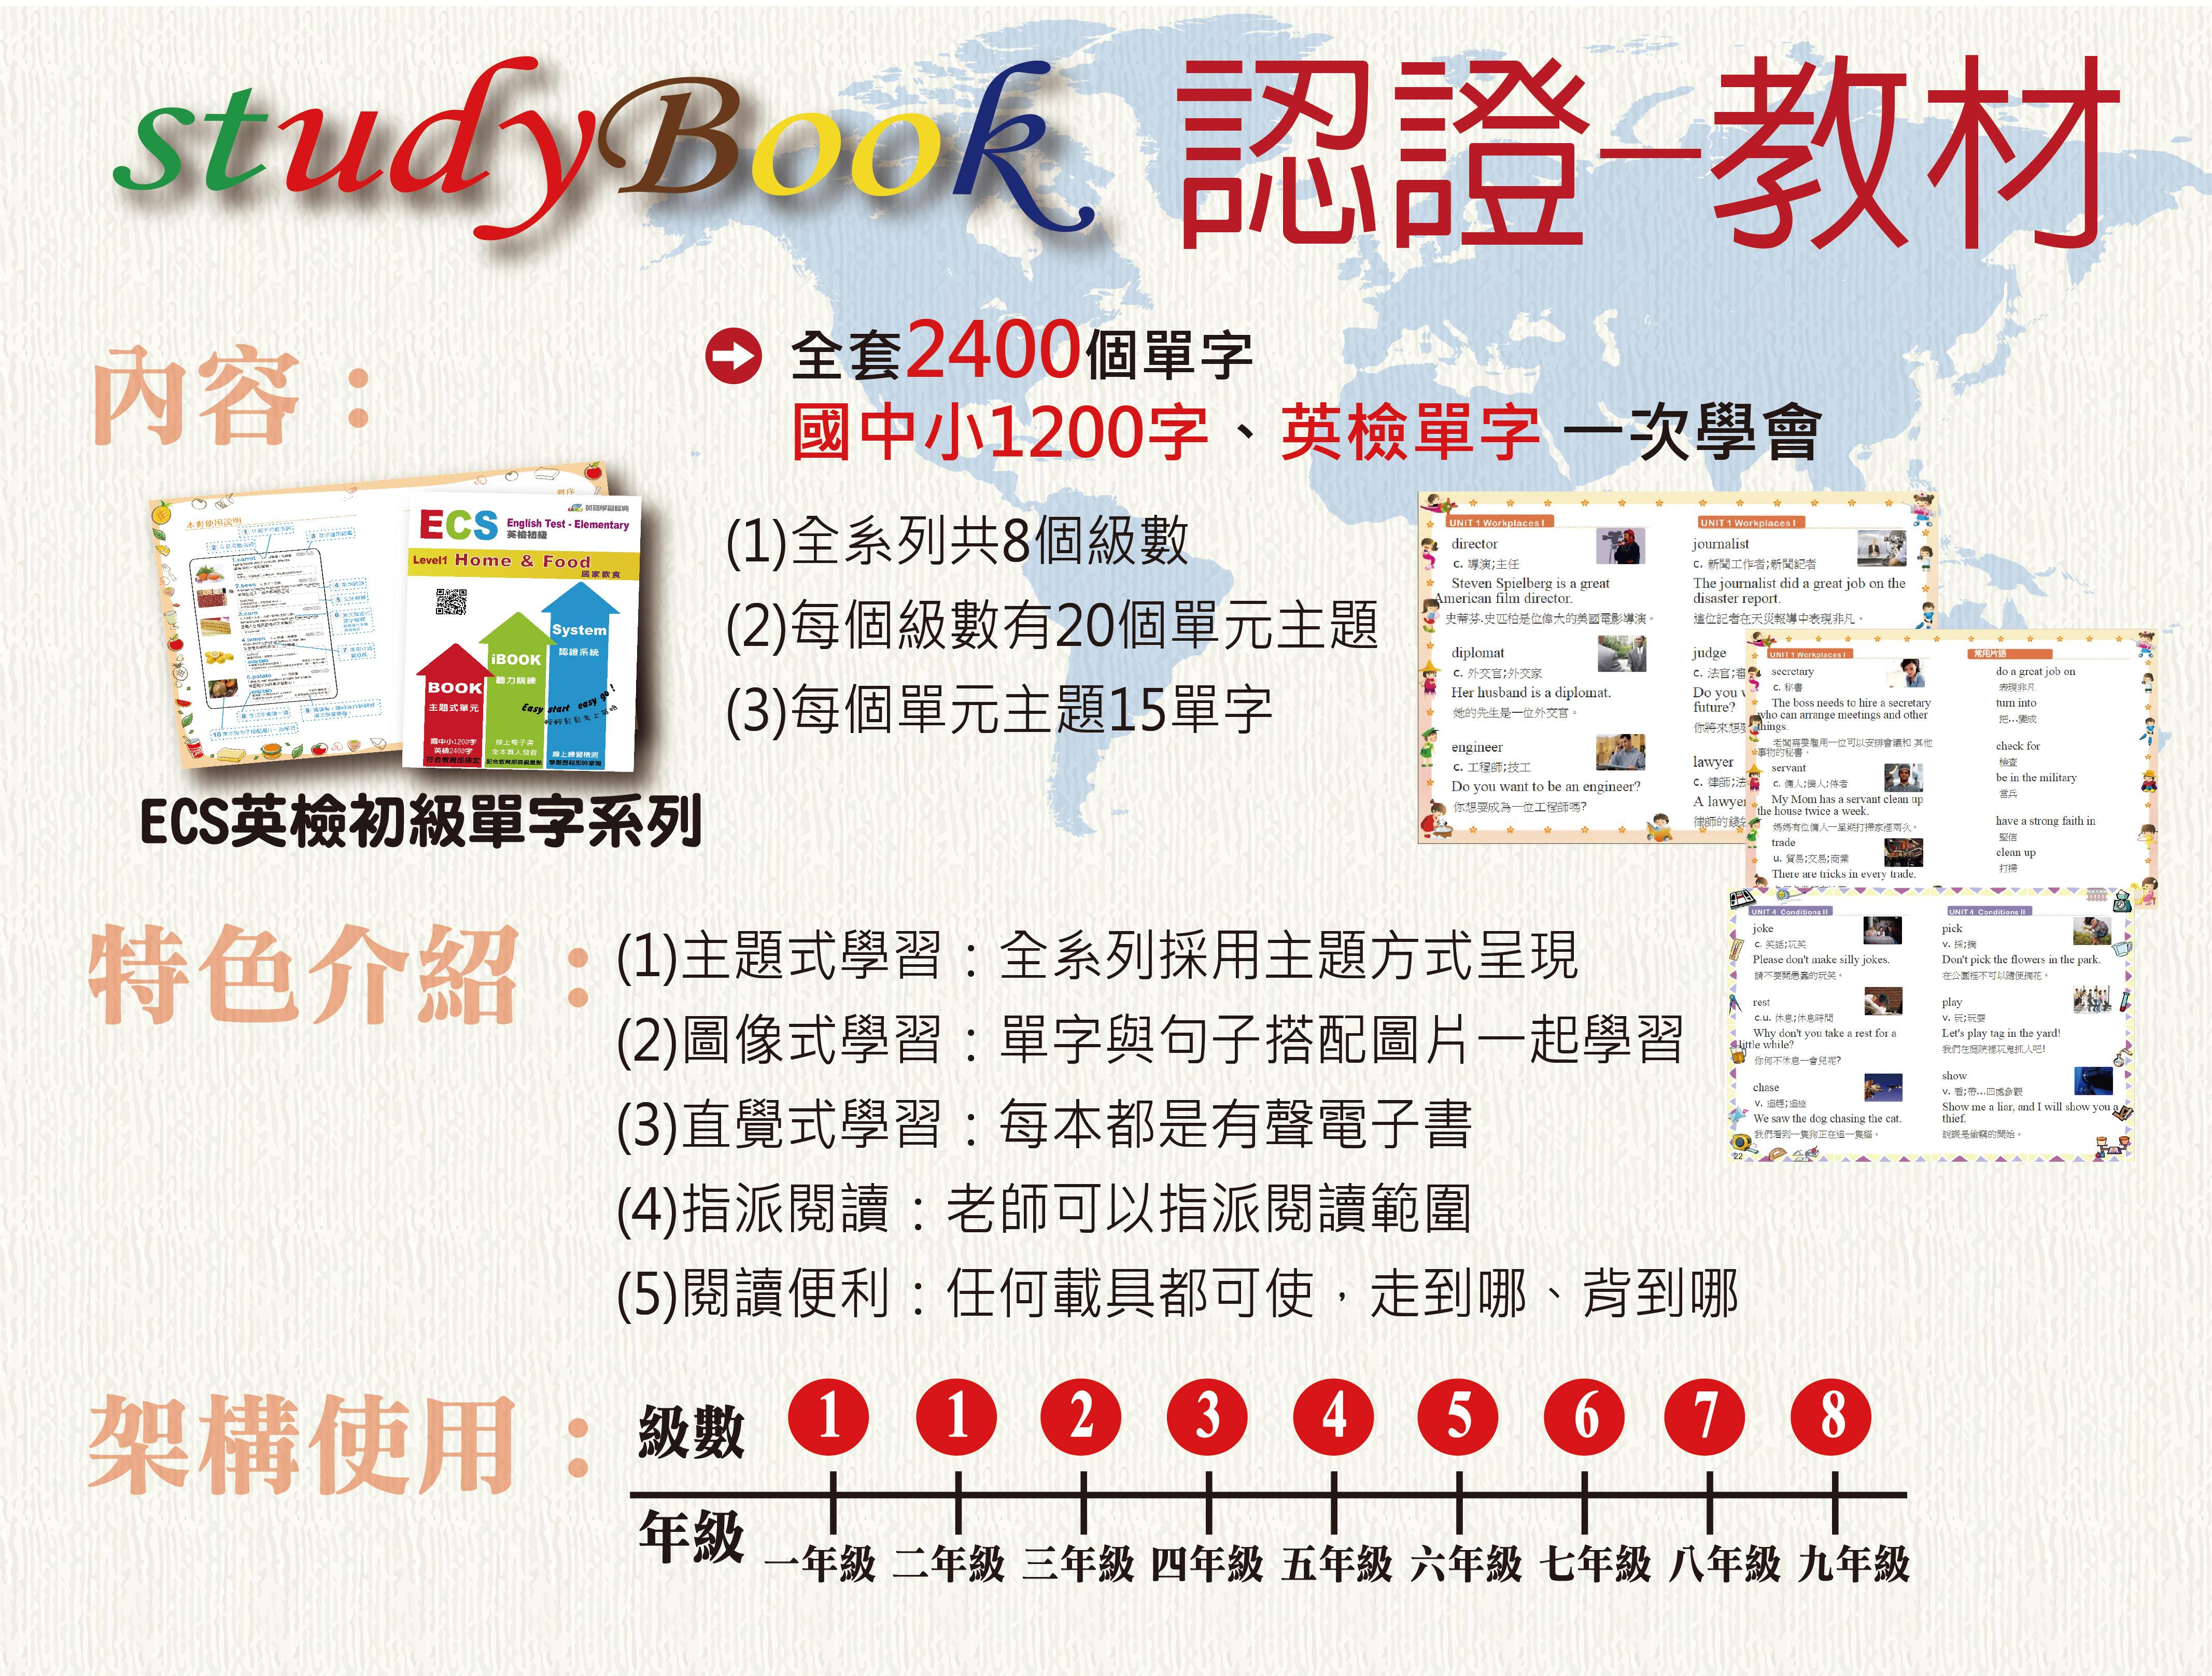 教育局-studybook,認證教材&評量0420-01.jpg